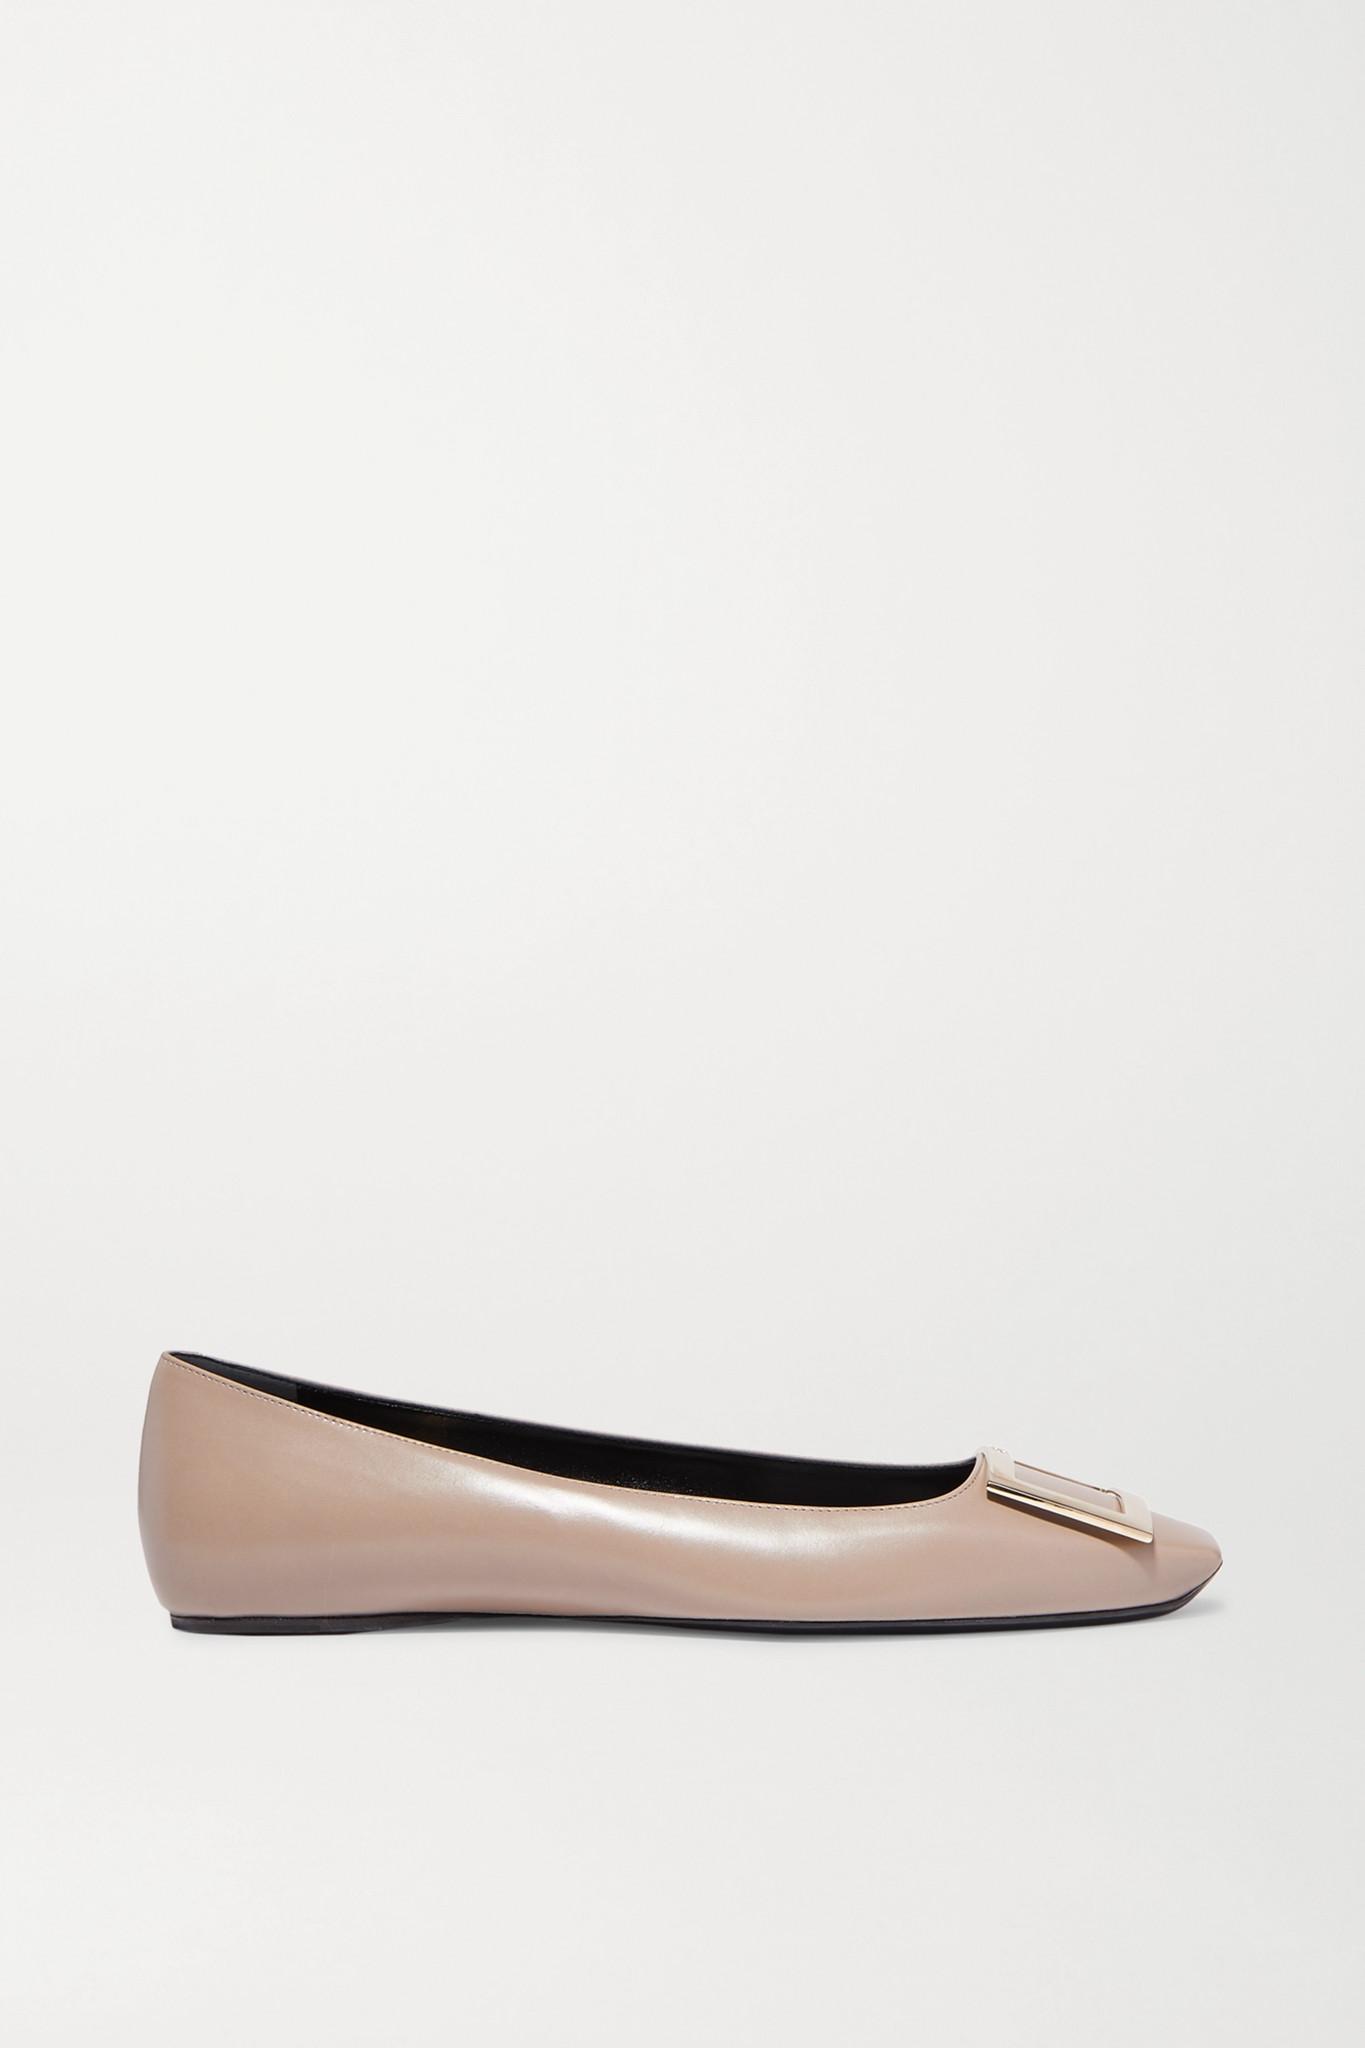 ROGER VIVIER - Quadrata Trompette Embellished Leather Ballet Flats - Brown - IT36